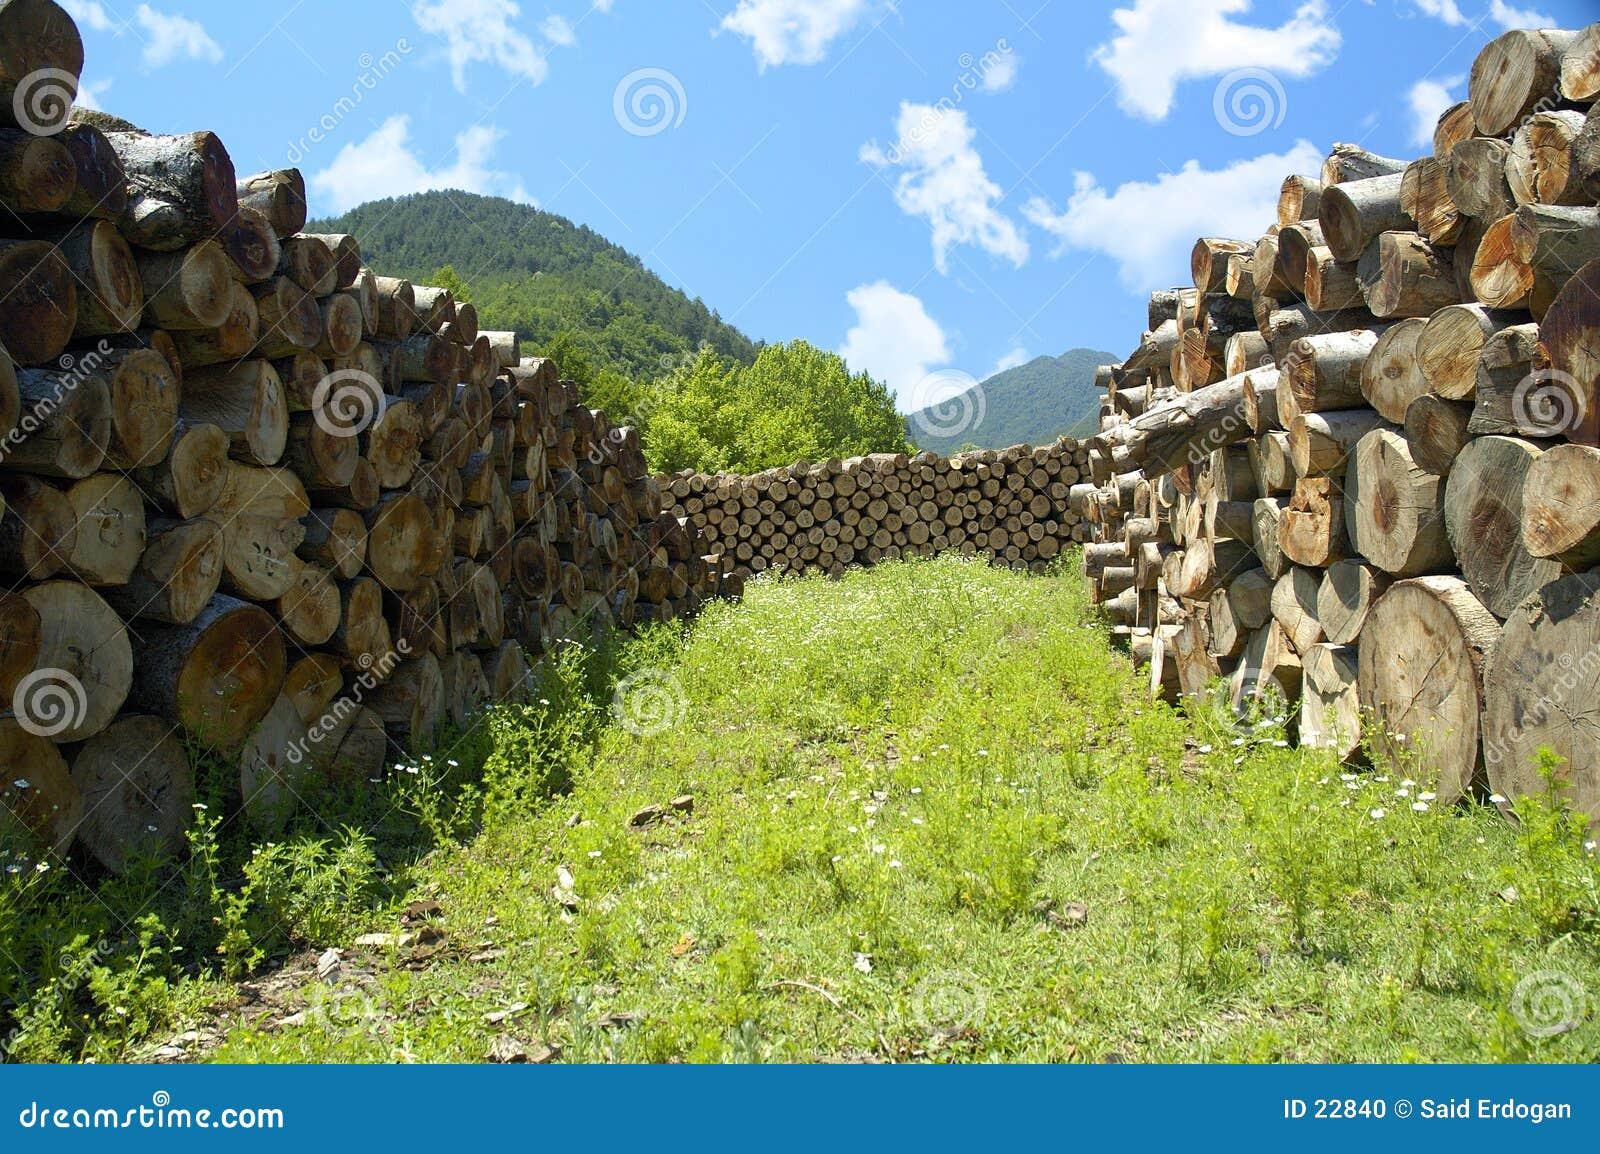 Tierra de bosques maderables